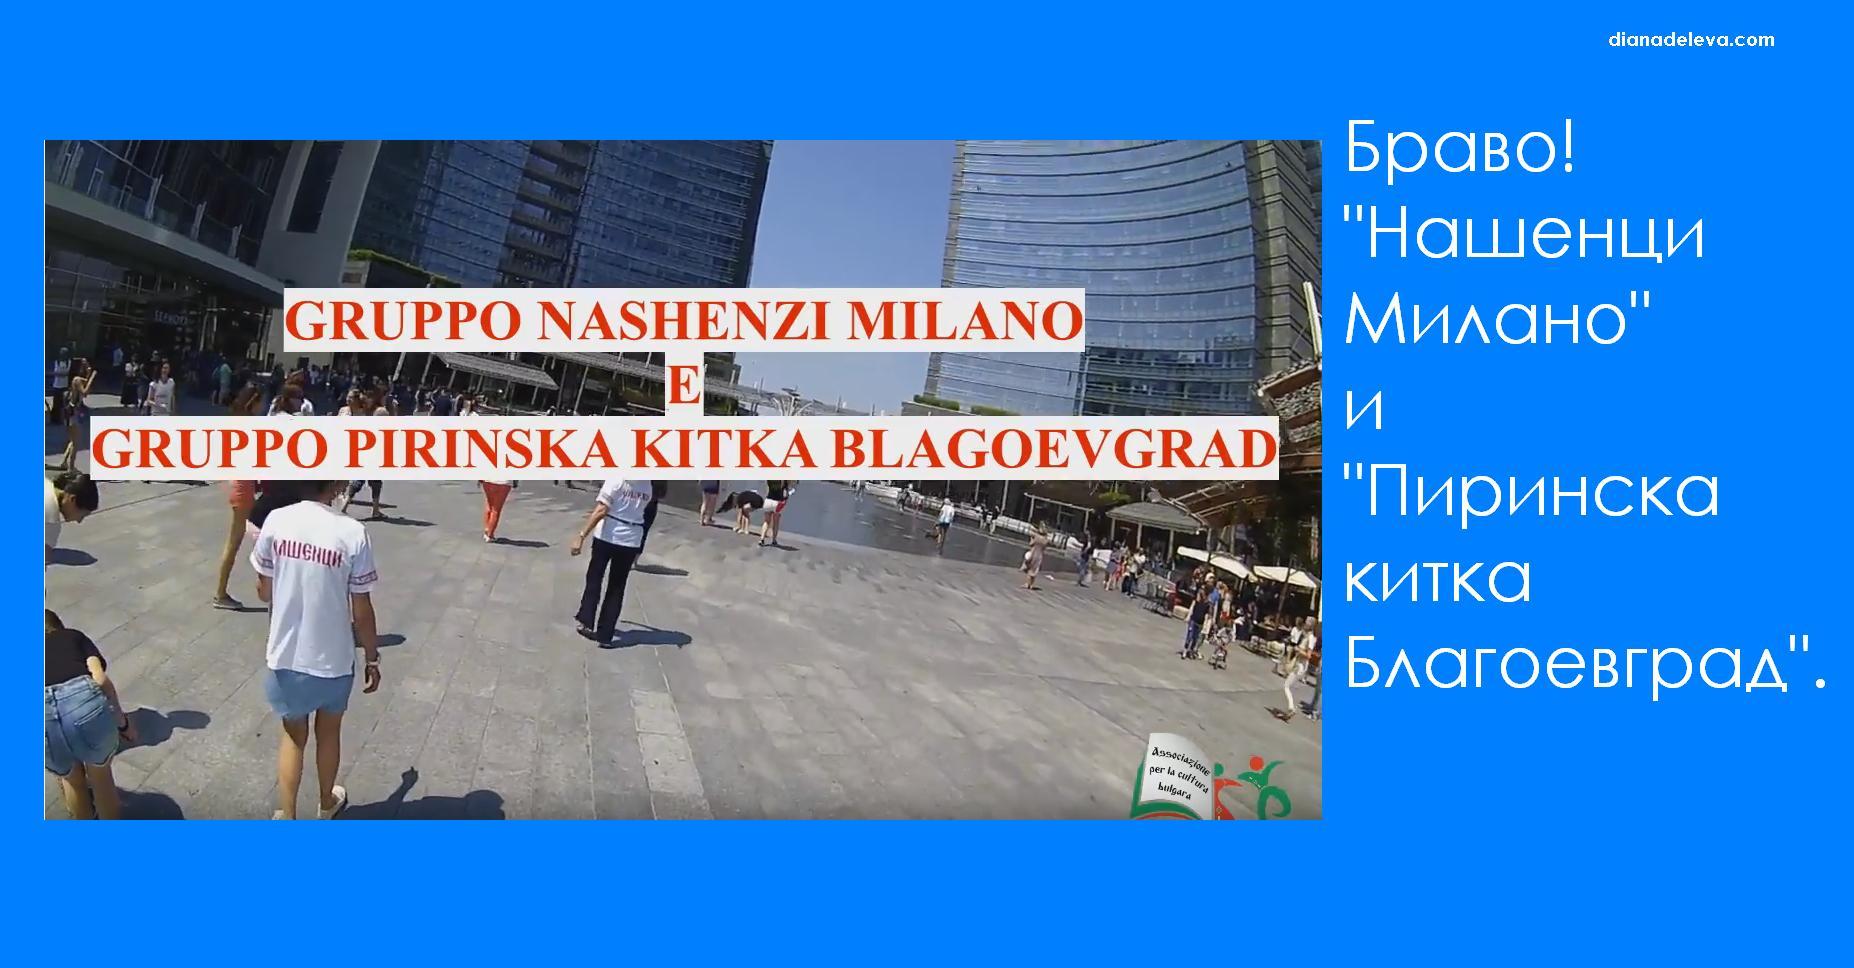 Нашенци Милано и